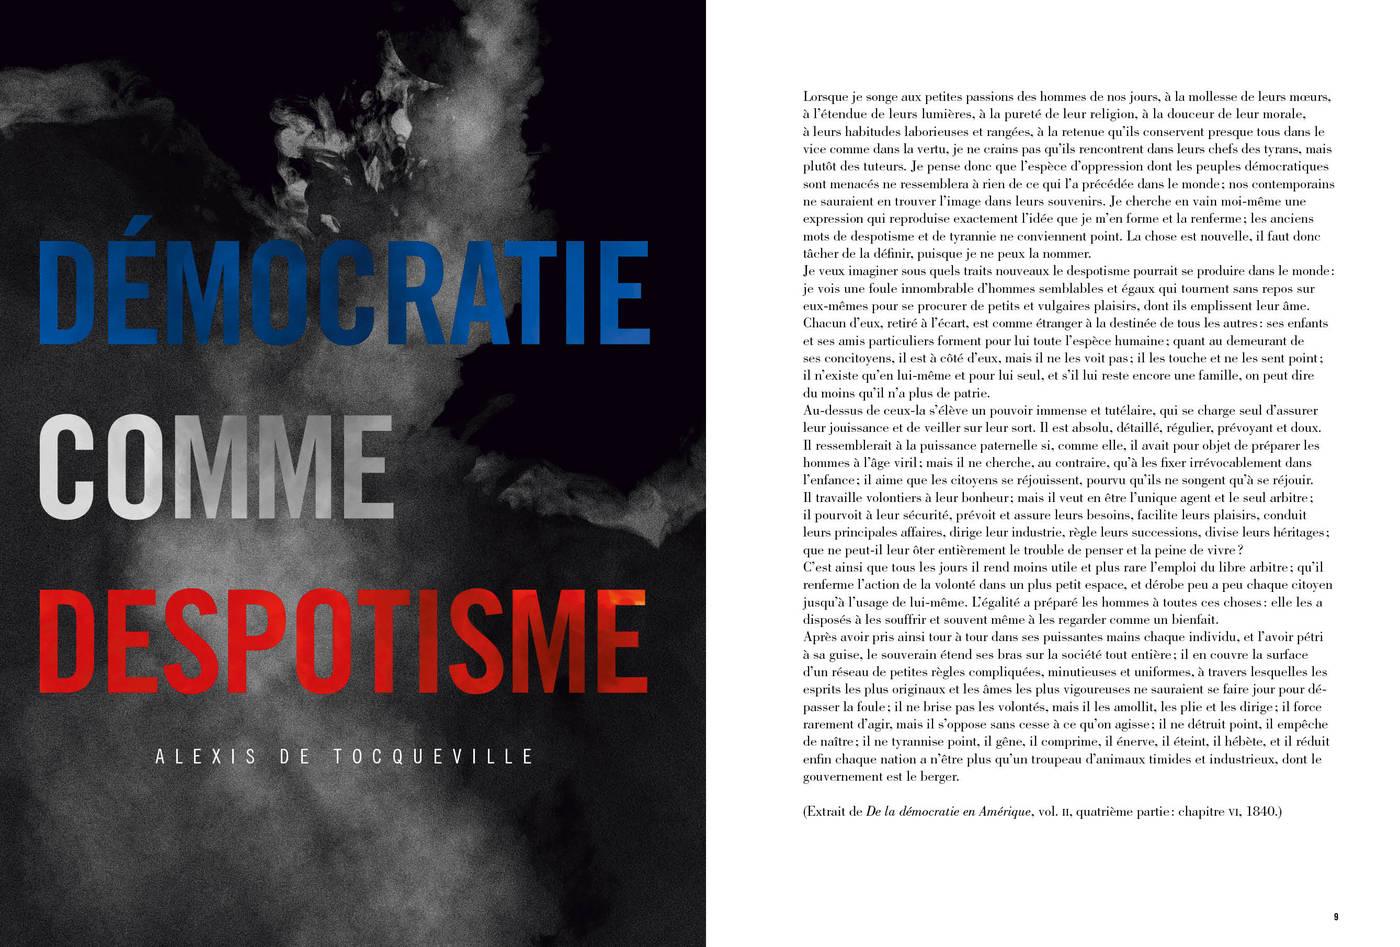 Texte d'Alexis de Tocqueville, Démocratie contre despotisme